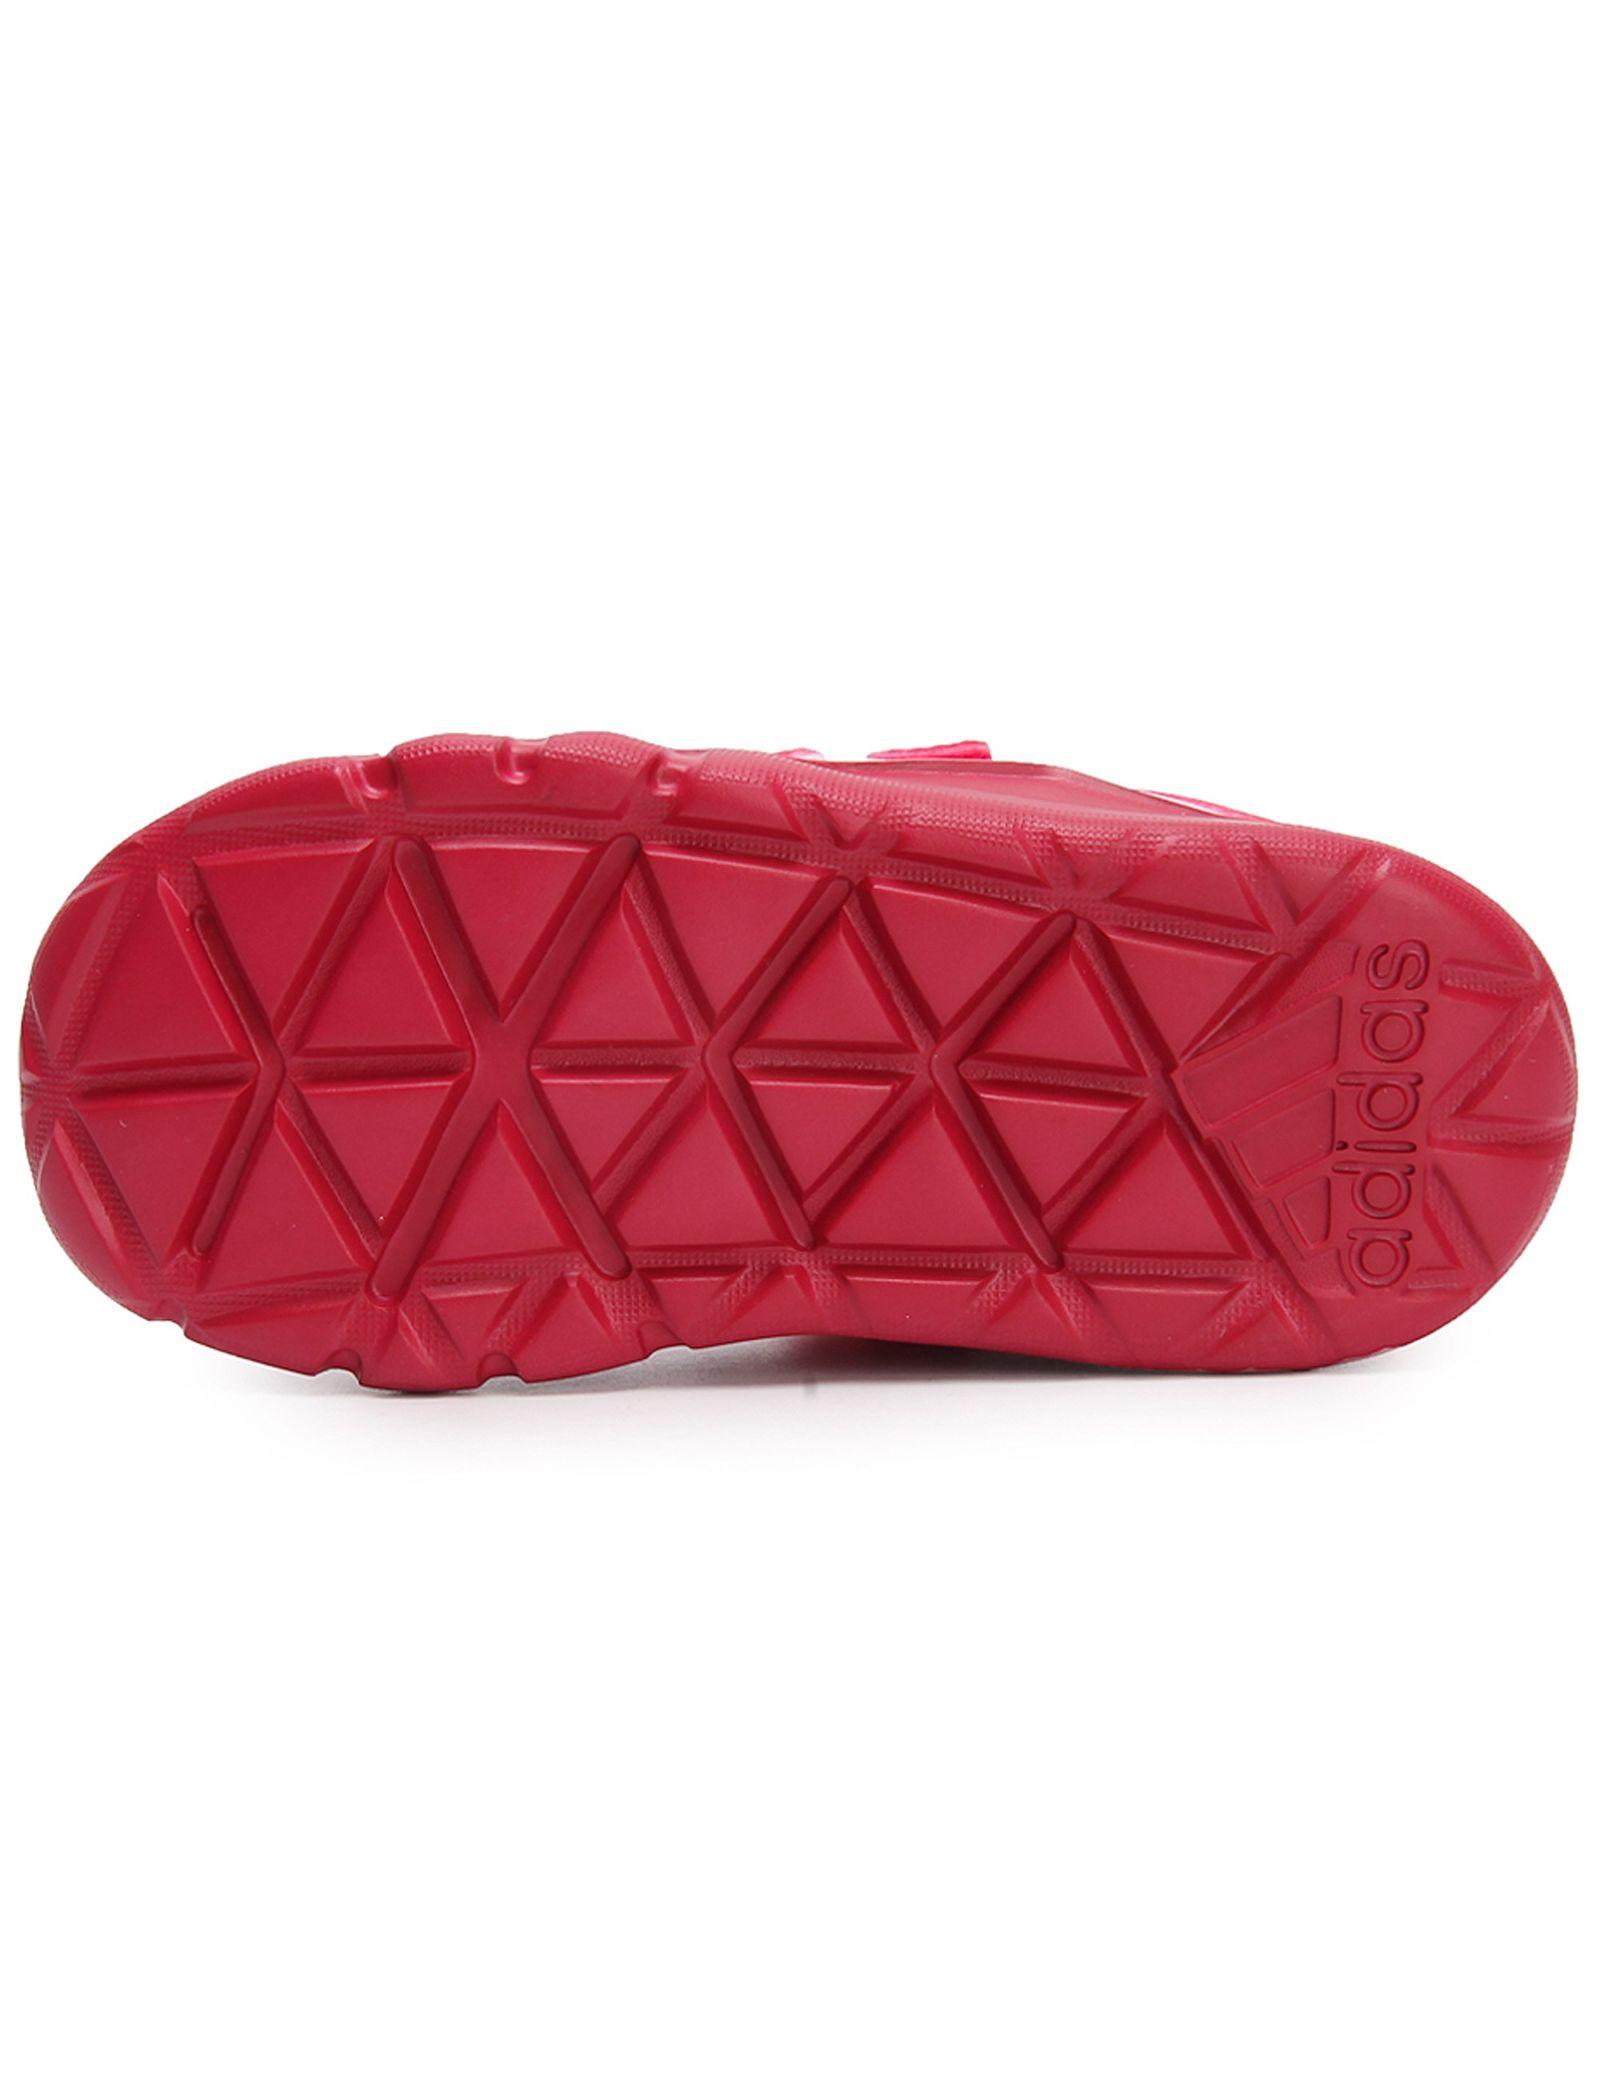 کفش تمرین چسبی دخترانه RapidaFlex 2 - آدیداس - قرمز - 6